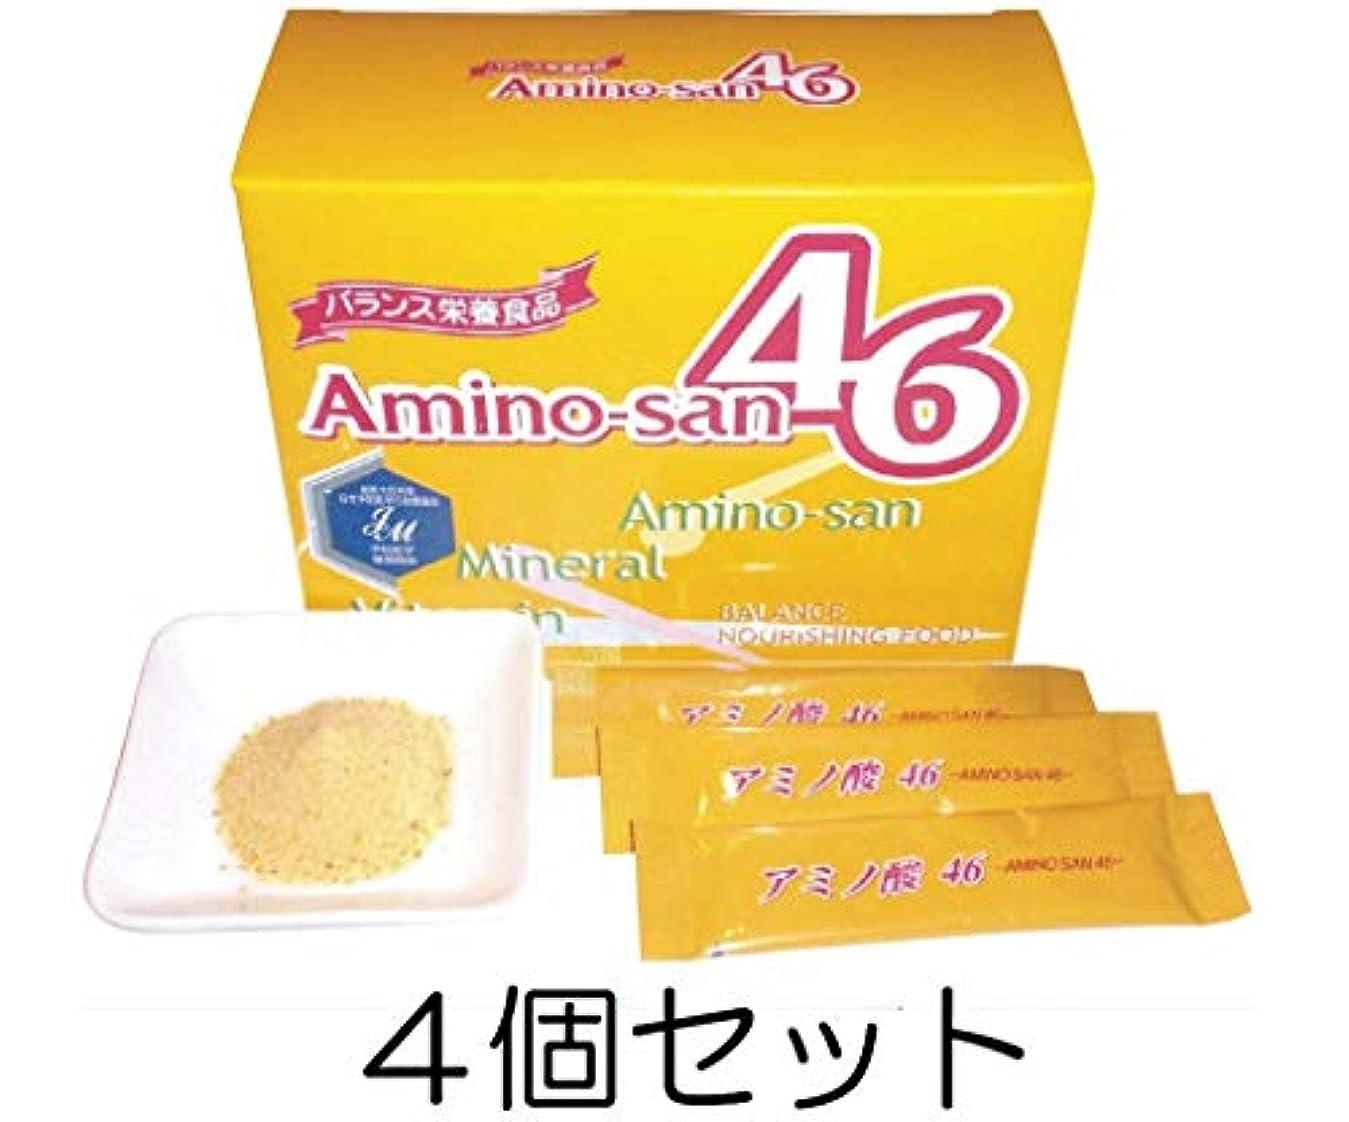 空虚降伏退院【 アミノ酸46 (3g×60本?1か月分)×4箱セット】ポーレン(蜂蜜花粉)含有 サプリメント